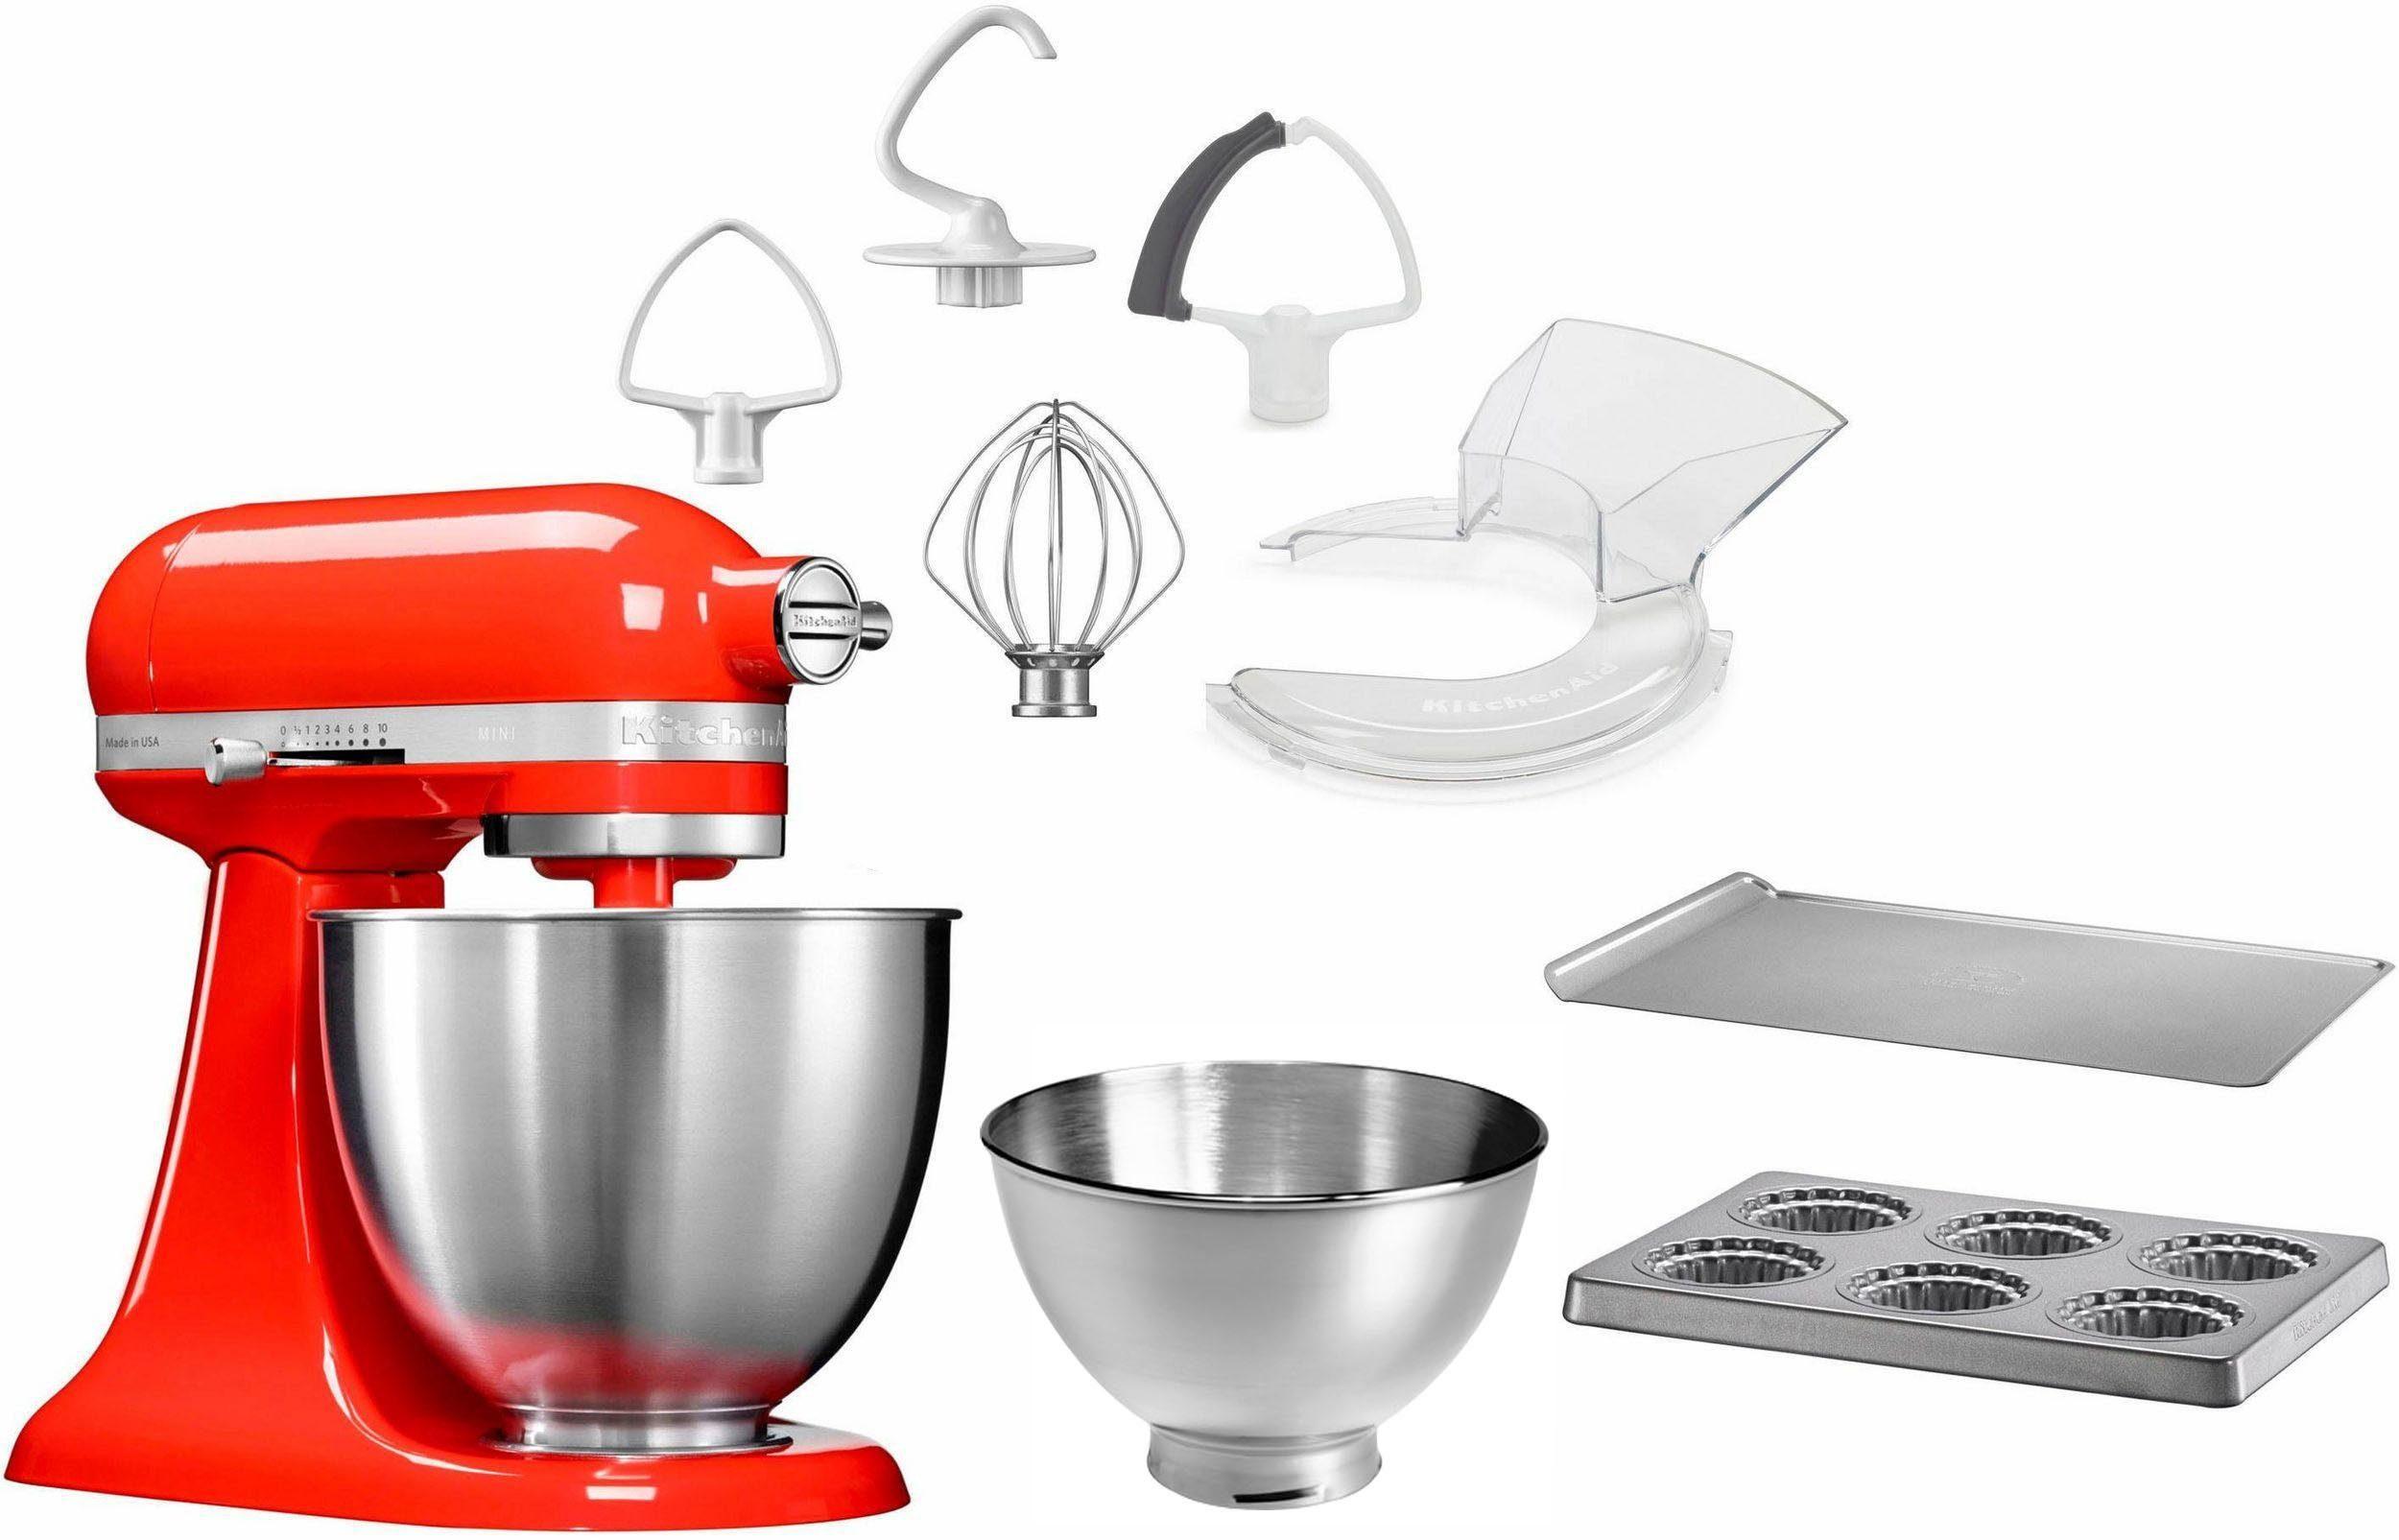 KitchenAid Küchenmaschine Mini 5KSM3311XEHT, 250 W, 3,3 l Schüssel, mit Sonderzubehör im Wert von 246,-€ UVP